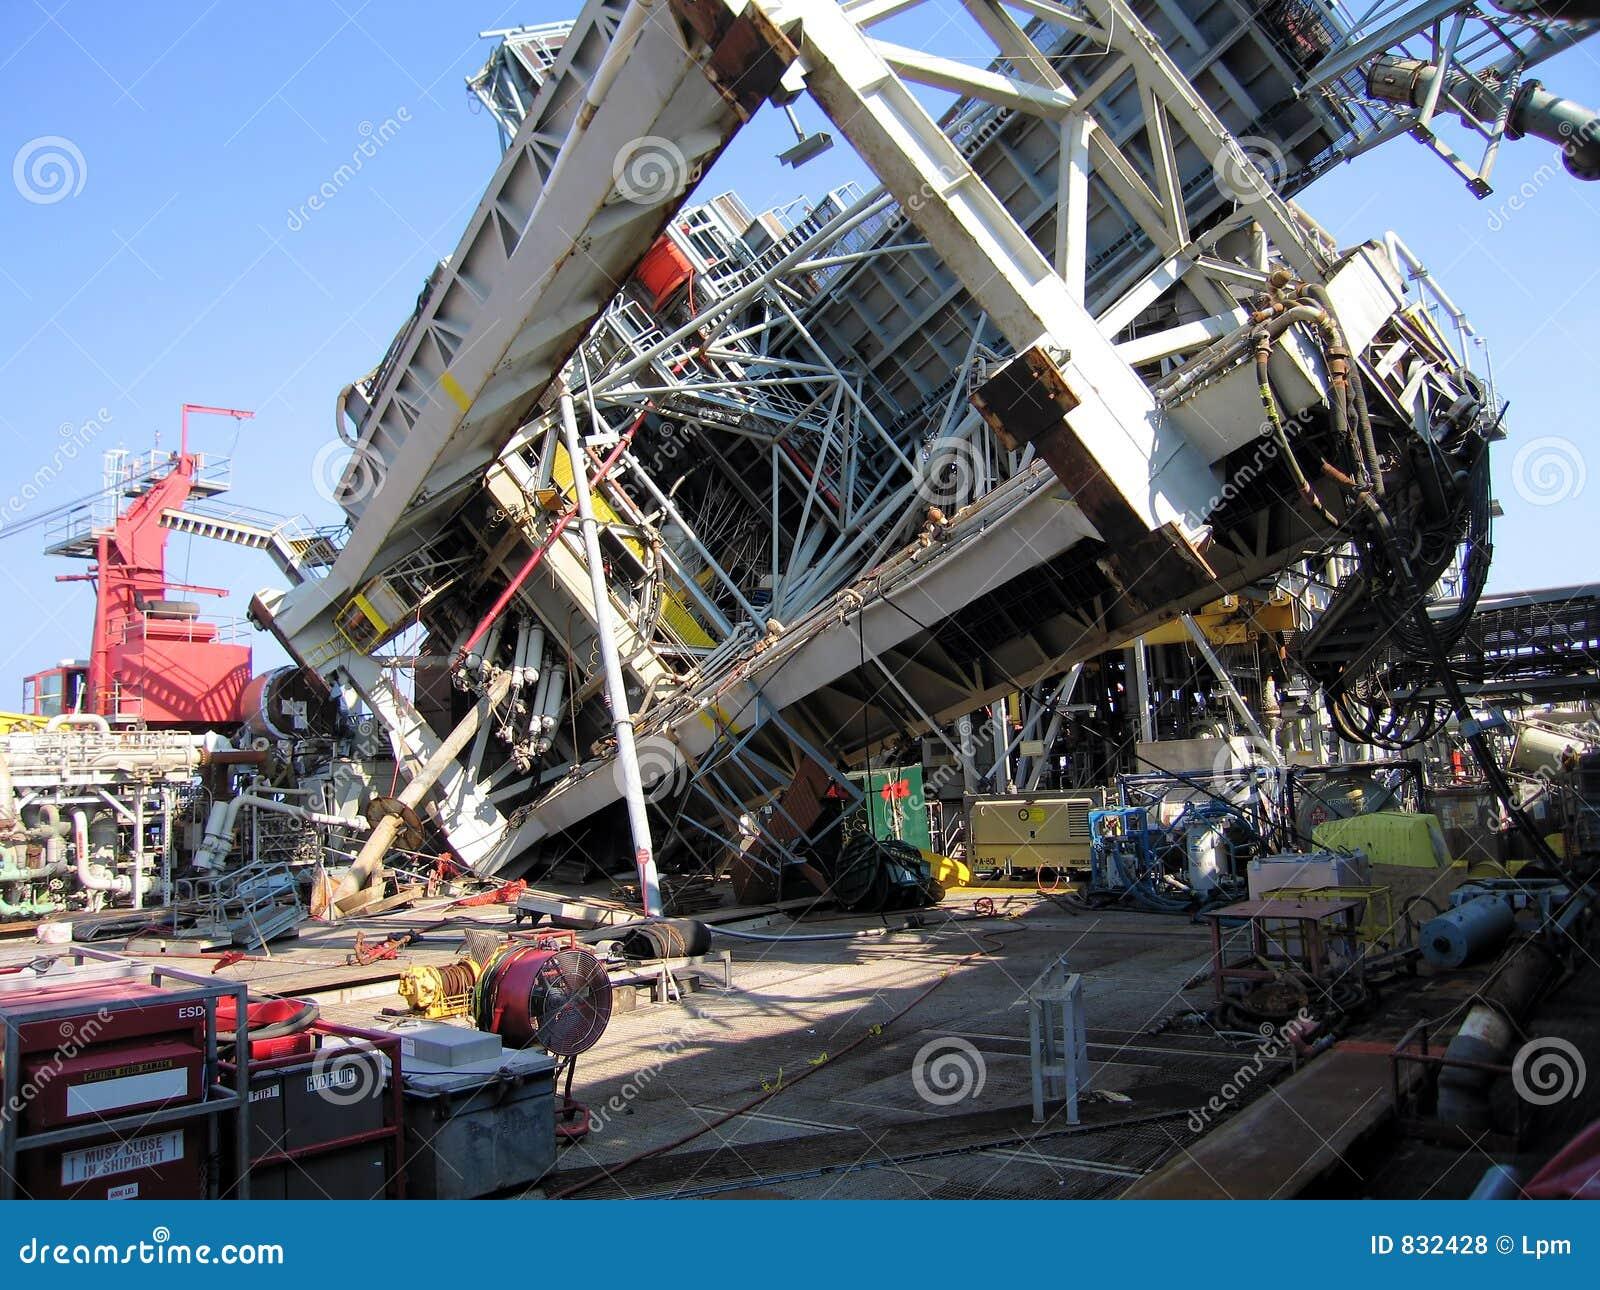 Katrina Damage Offshore